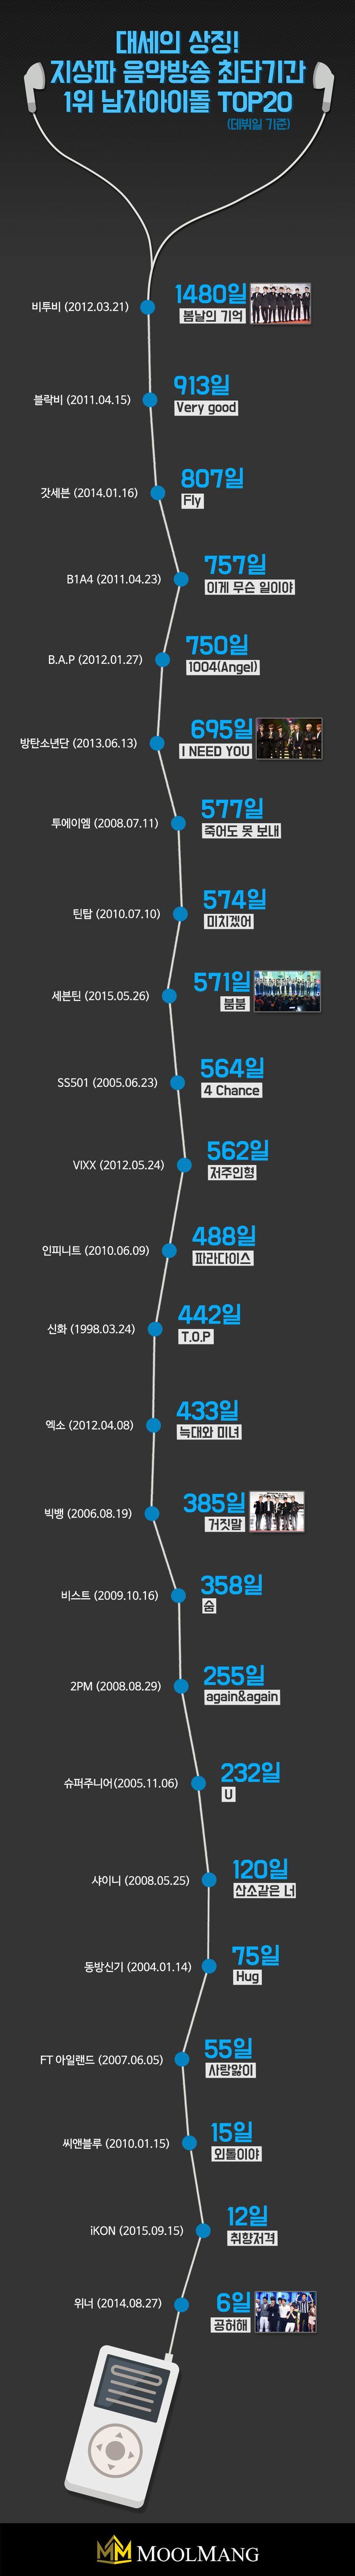 지상파 음악방송 최단기간 1위 남자 아이돌 #music  #Infographic #Design #chart #KPop #Idol